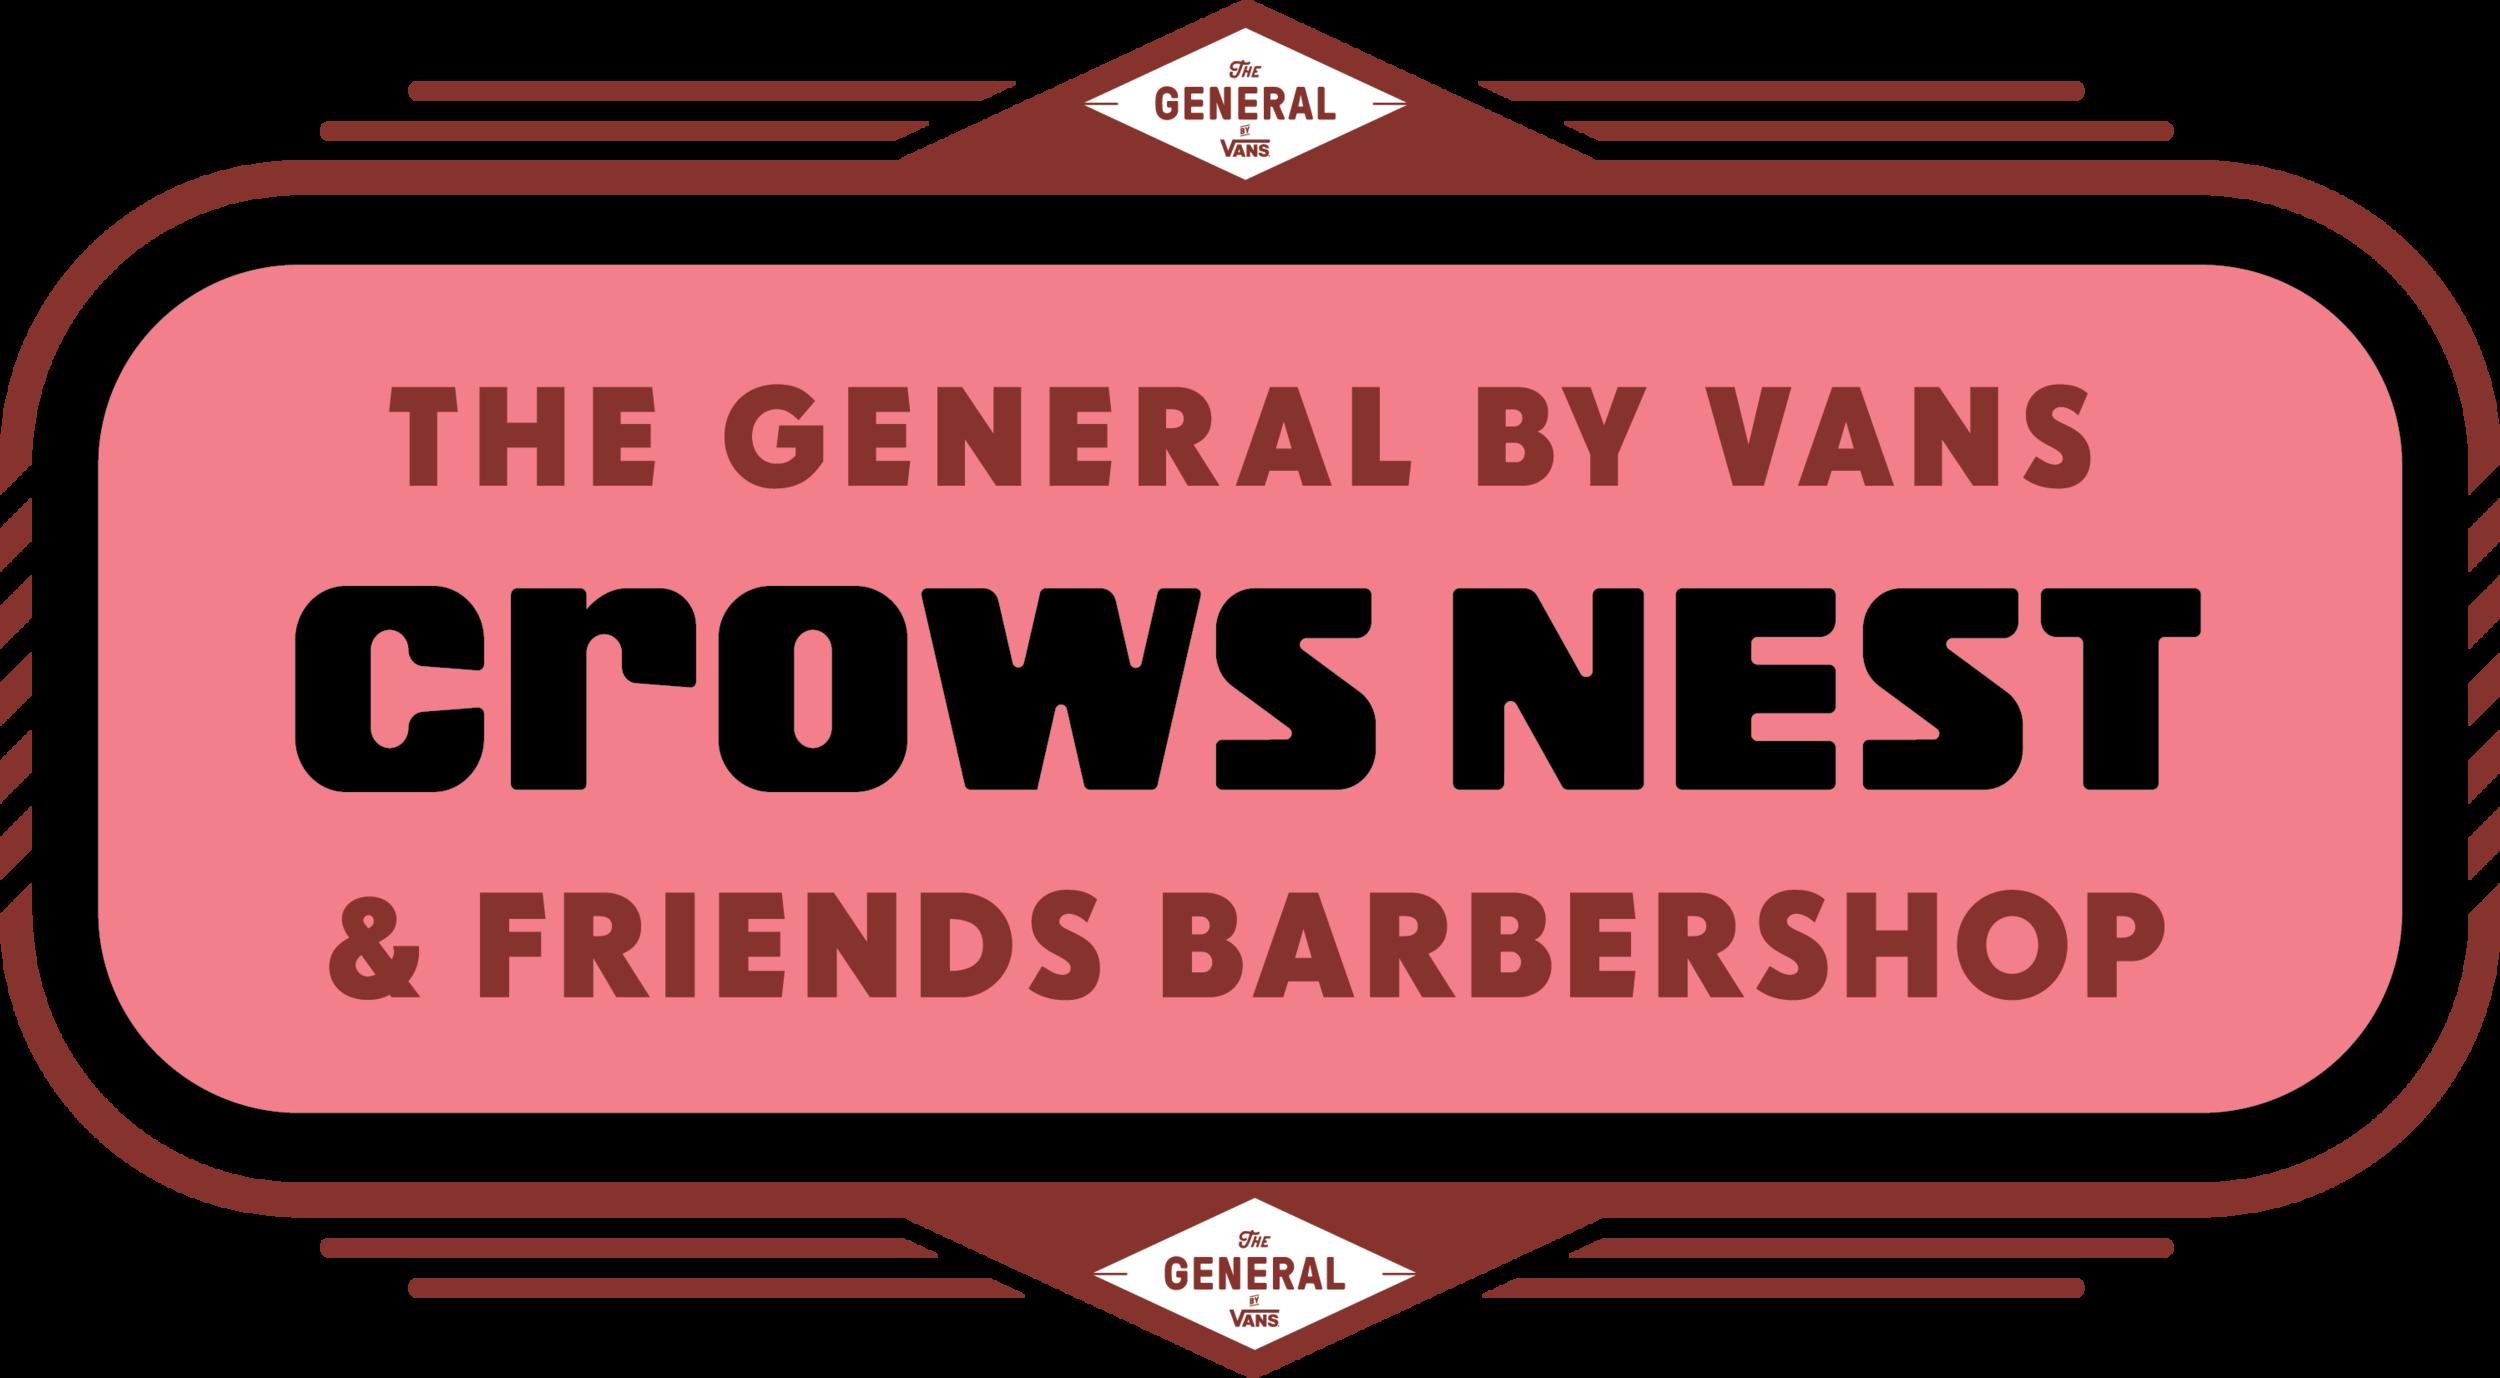 CNBS_general_vans_brooklyn_FLYER_2018_2.png